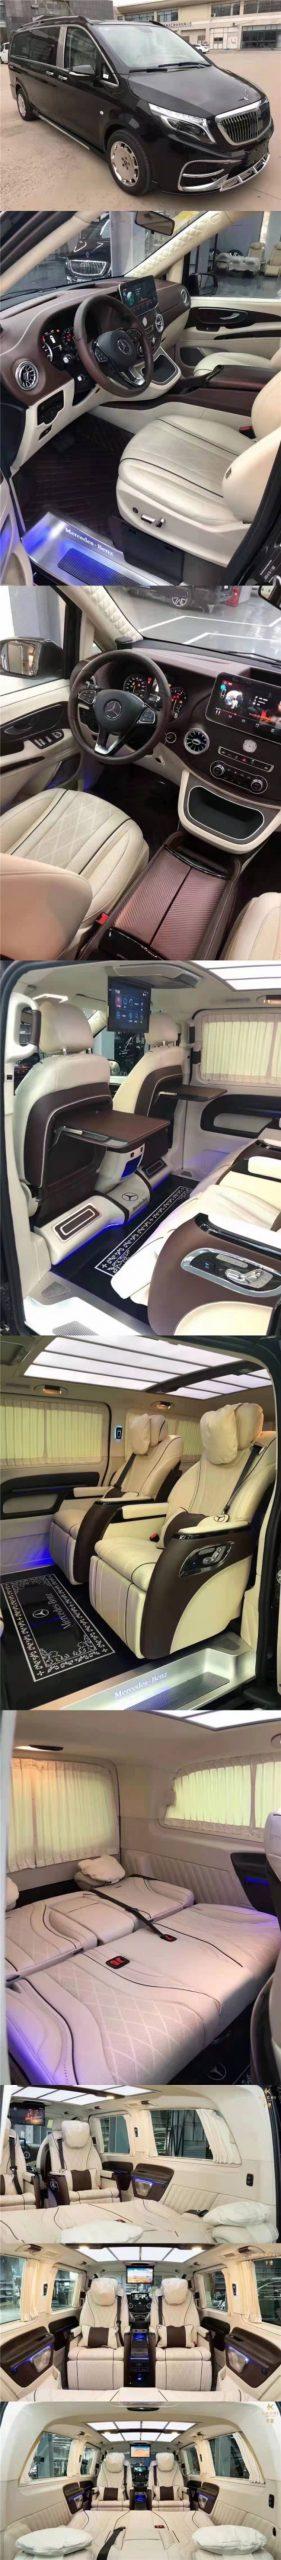 21款奔驰升级迈巴赫商务版价格